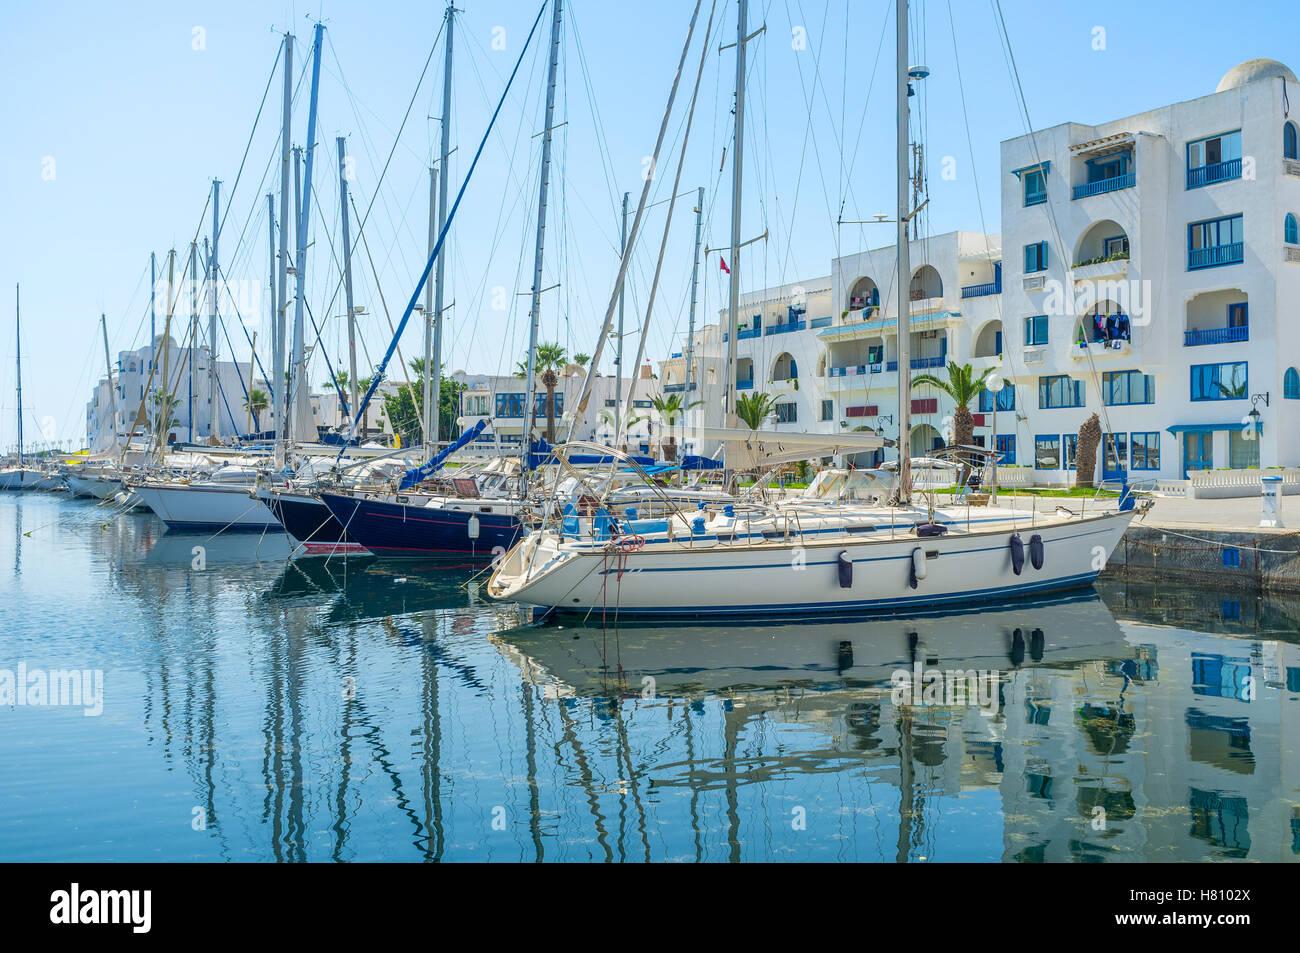 La bei yacht attendere per le escursioni, Monastir, Tunisia. Immagini Stock